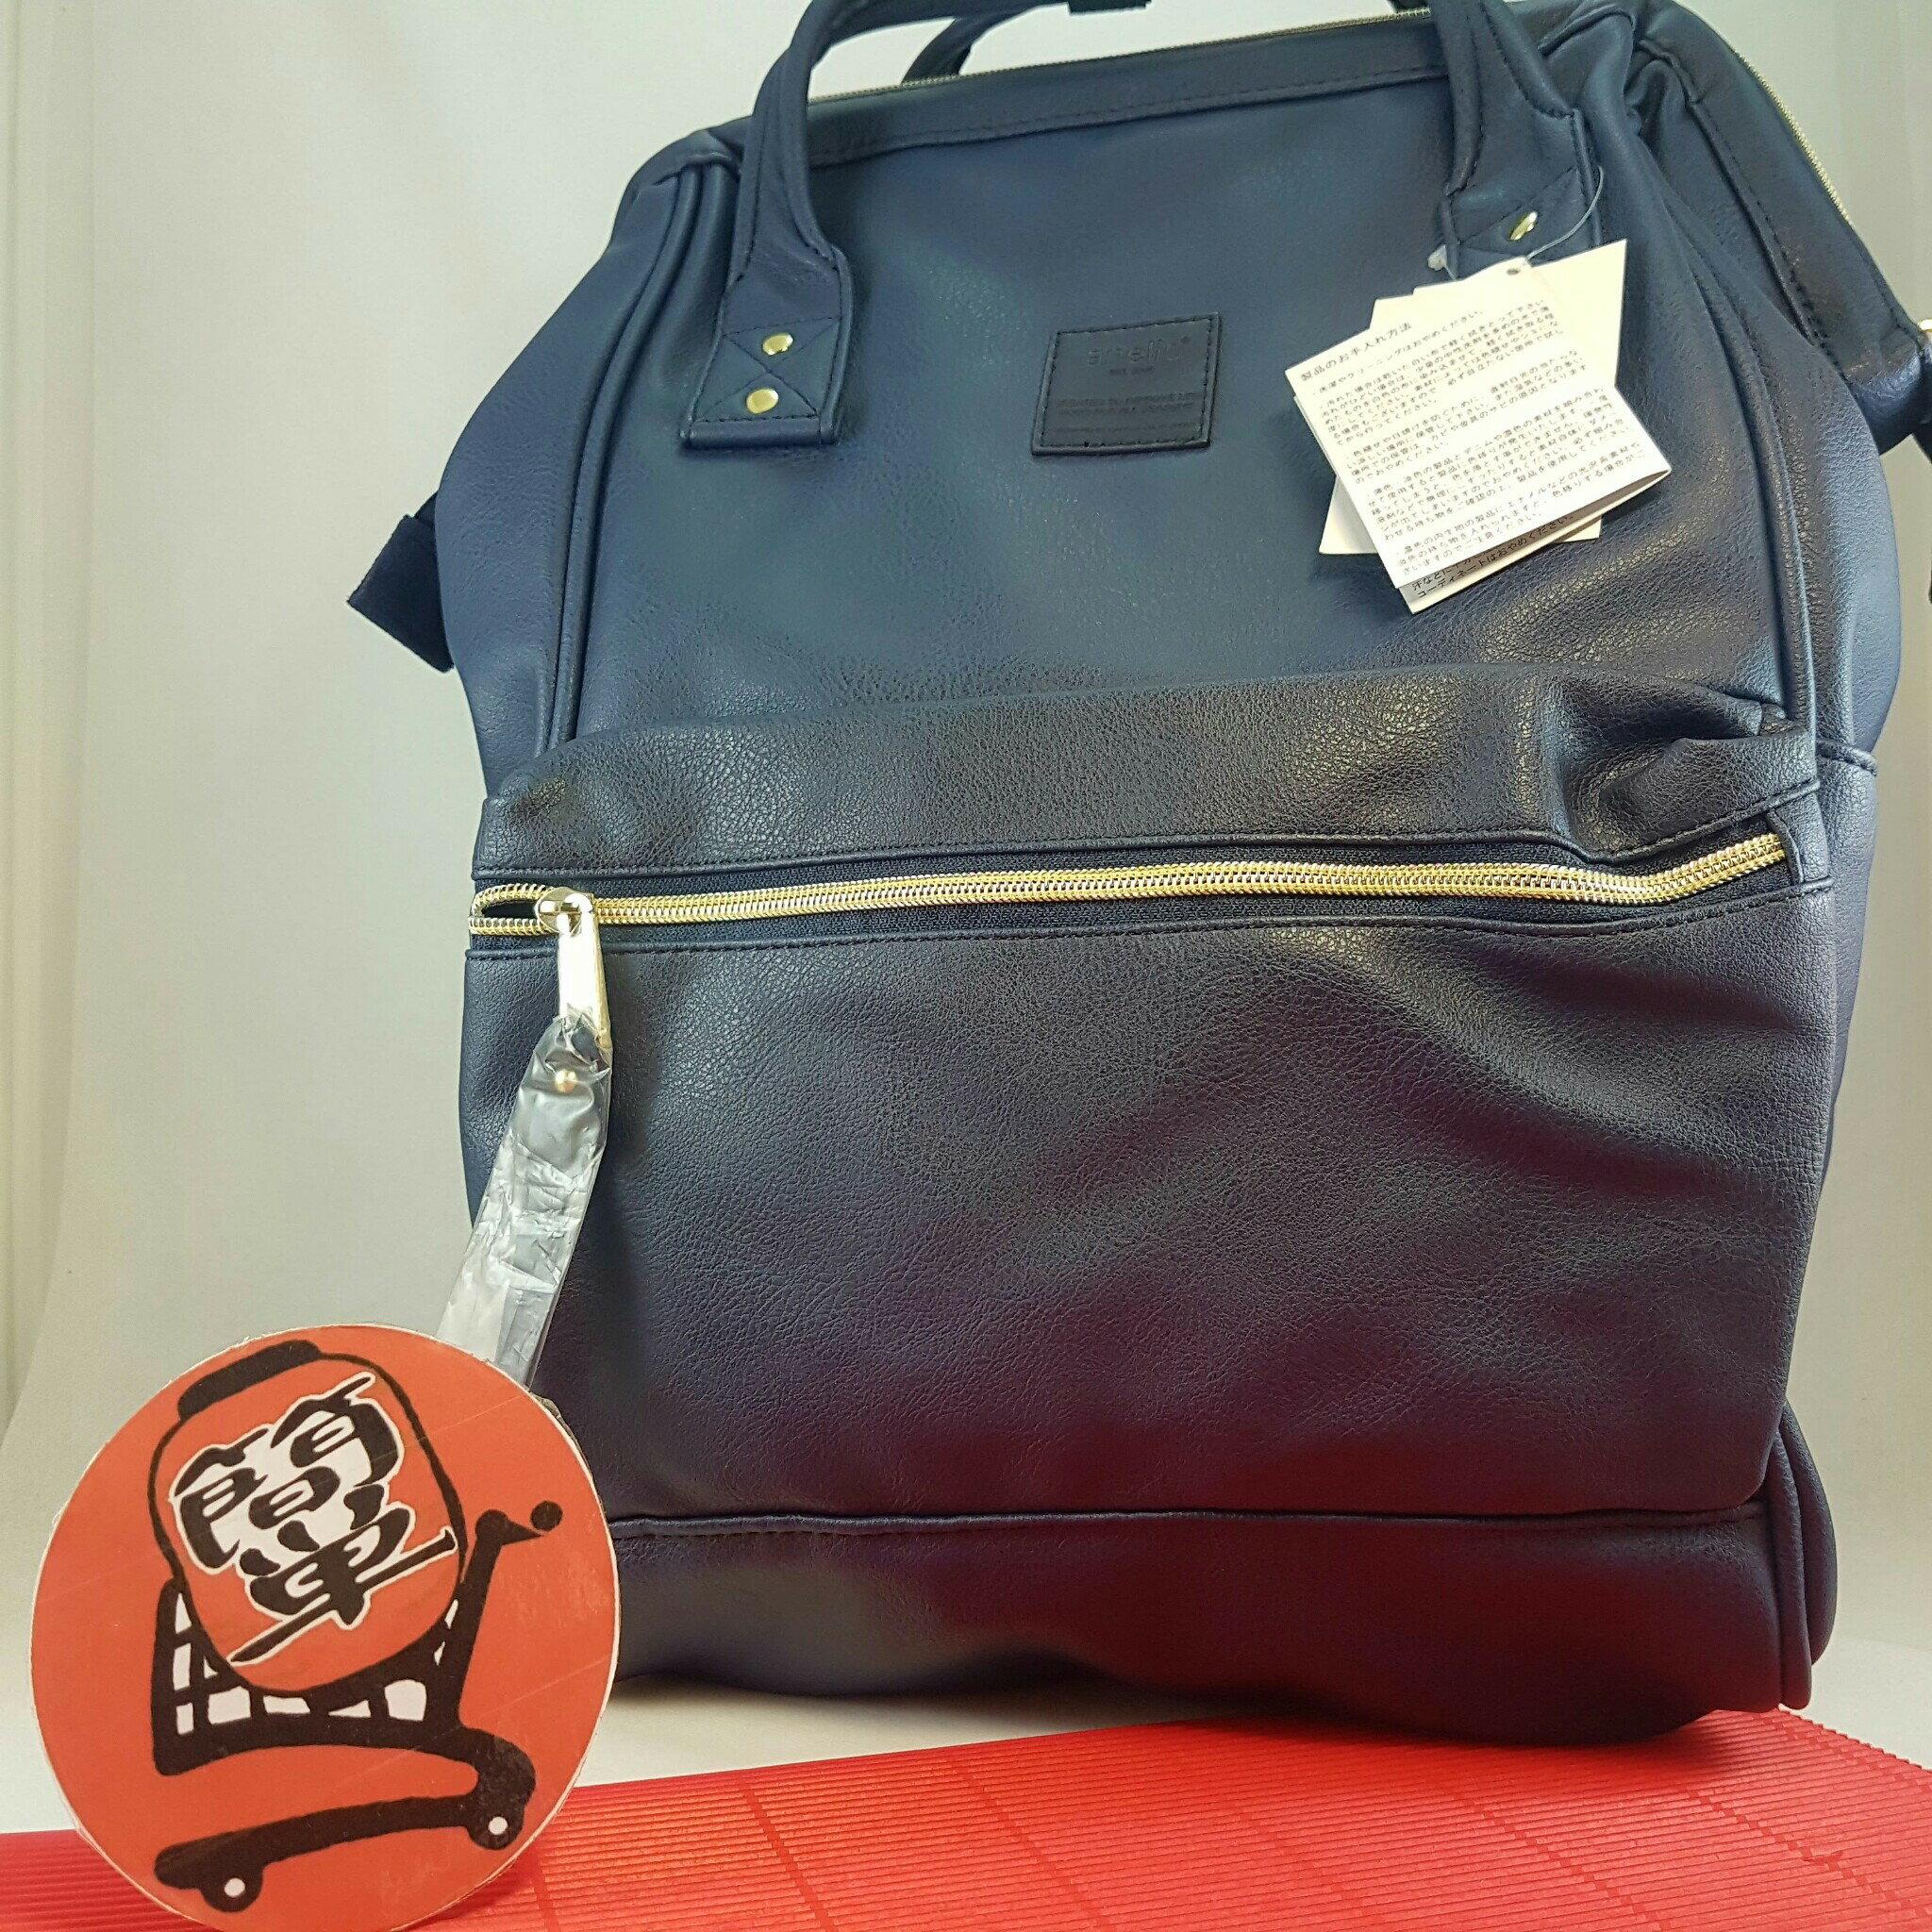 『簡?全球購』大款皮質 NA藍色 anello 新款 皮質大開口後背包 皮製2WAY手提包超便利寬口包